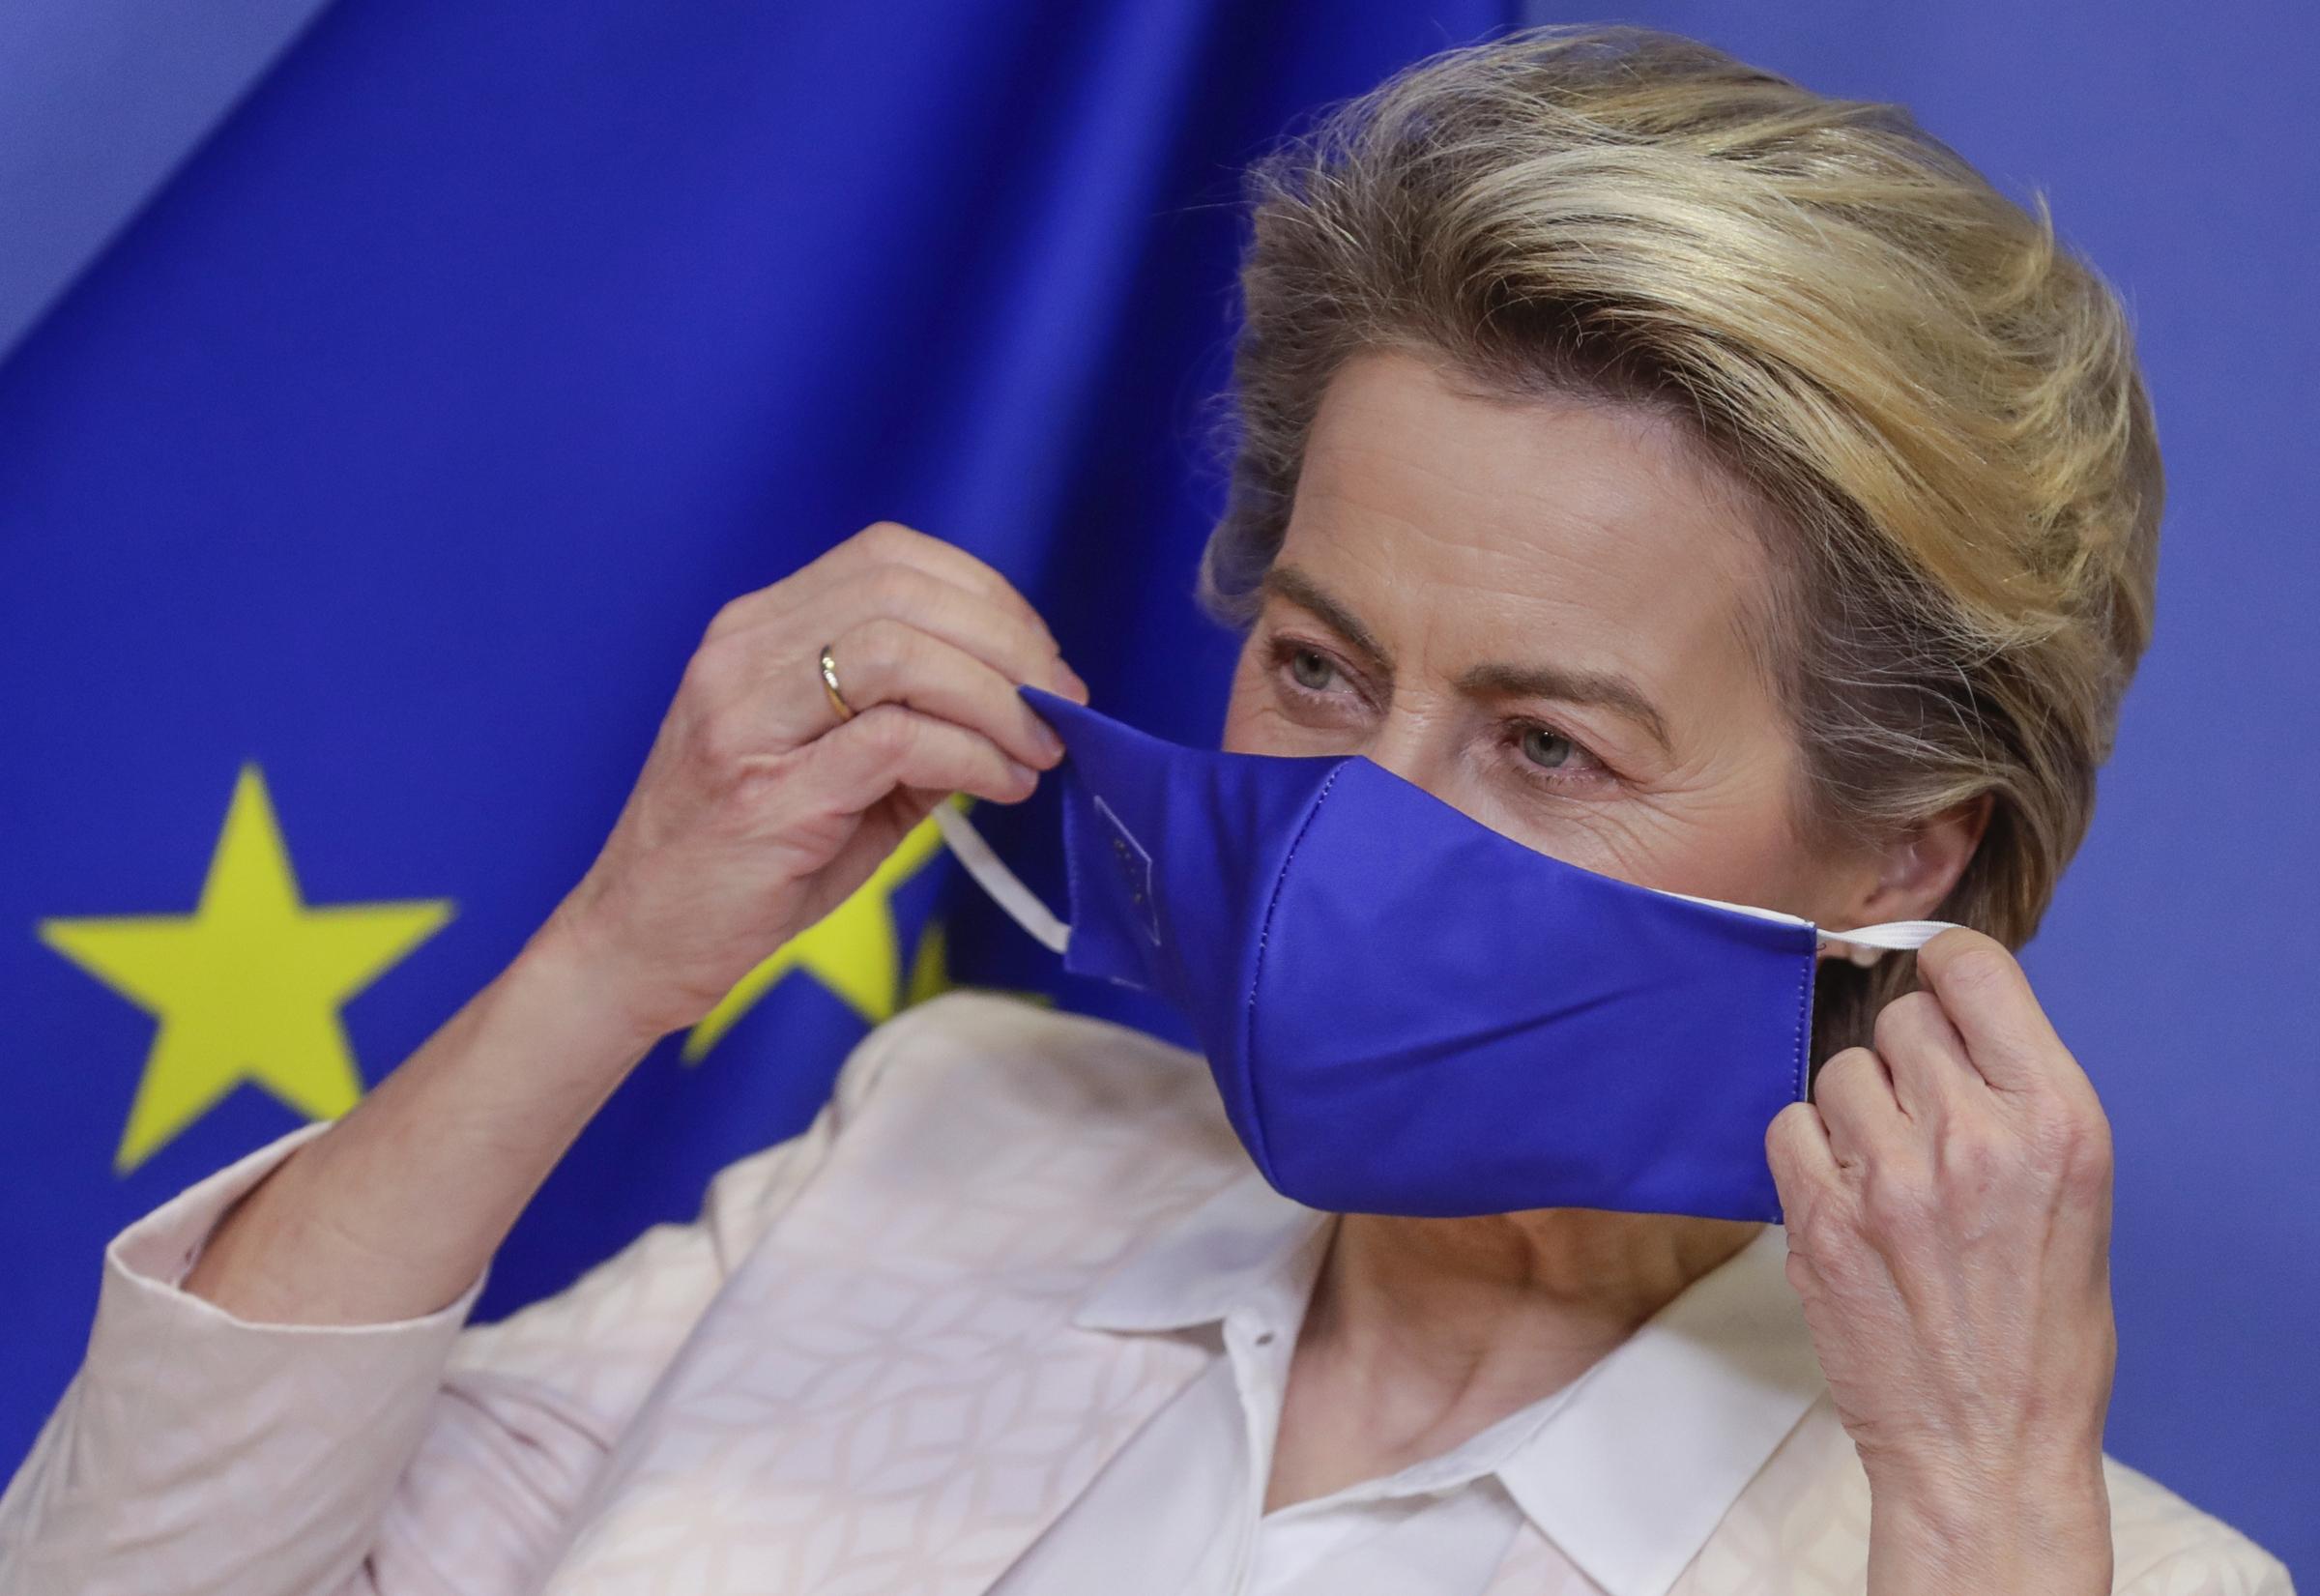 La presidente della Commissione Ursula von der Leyen